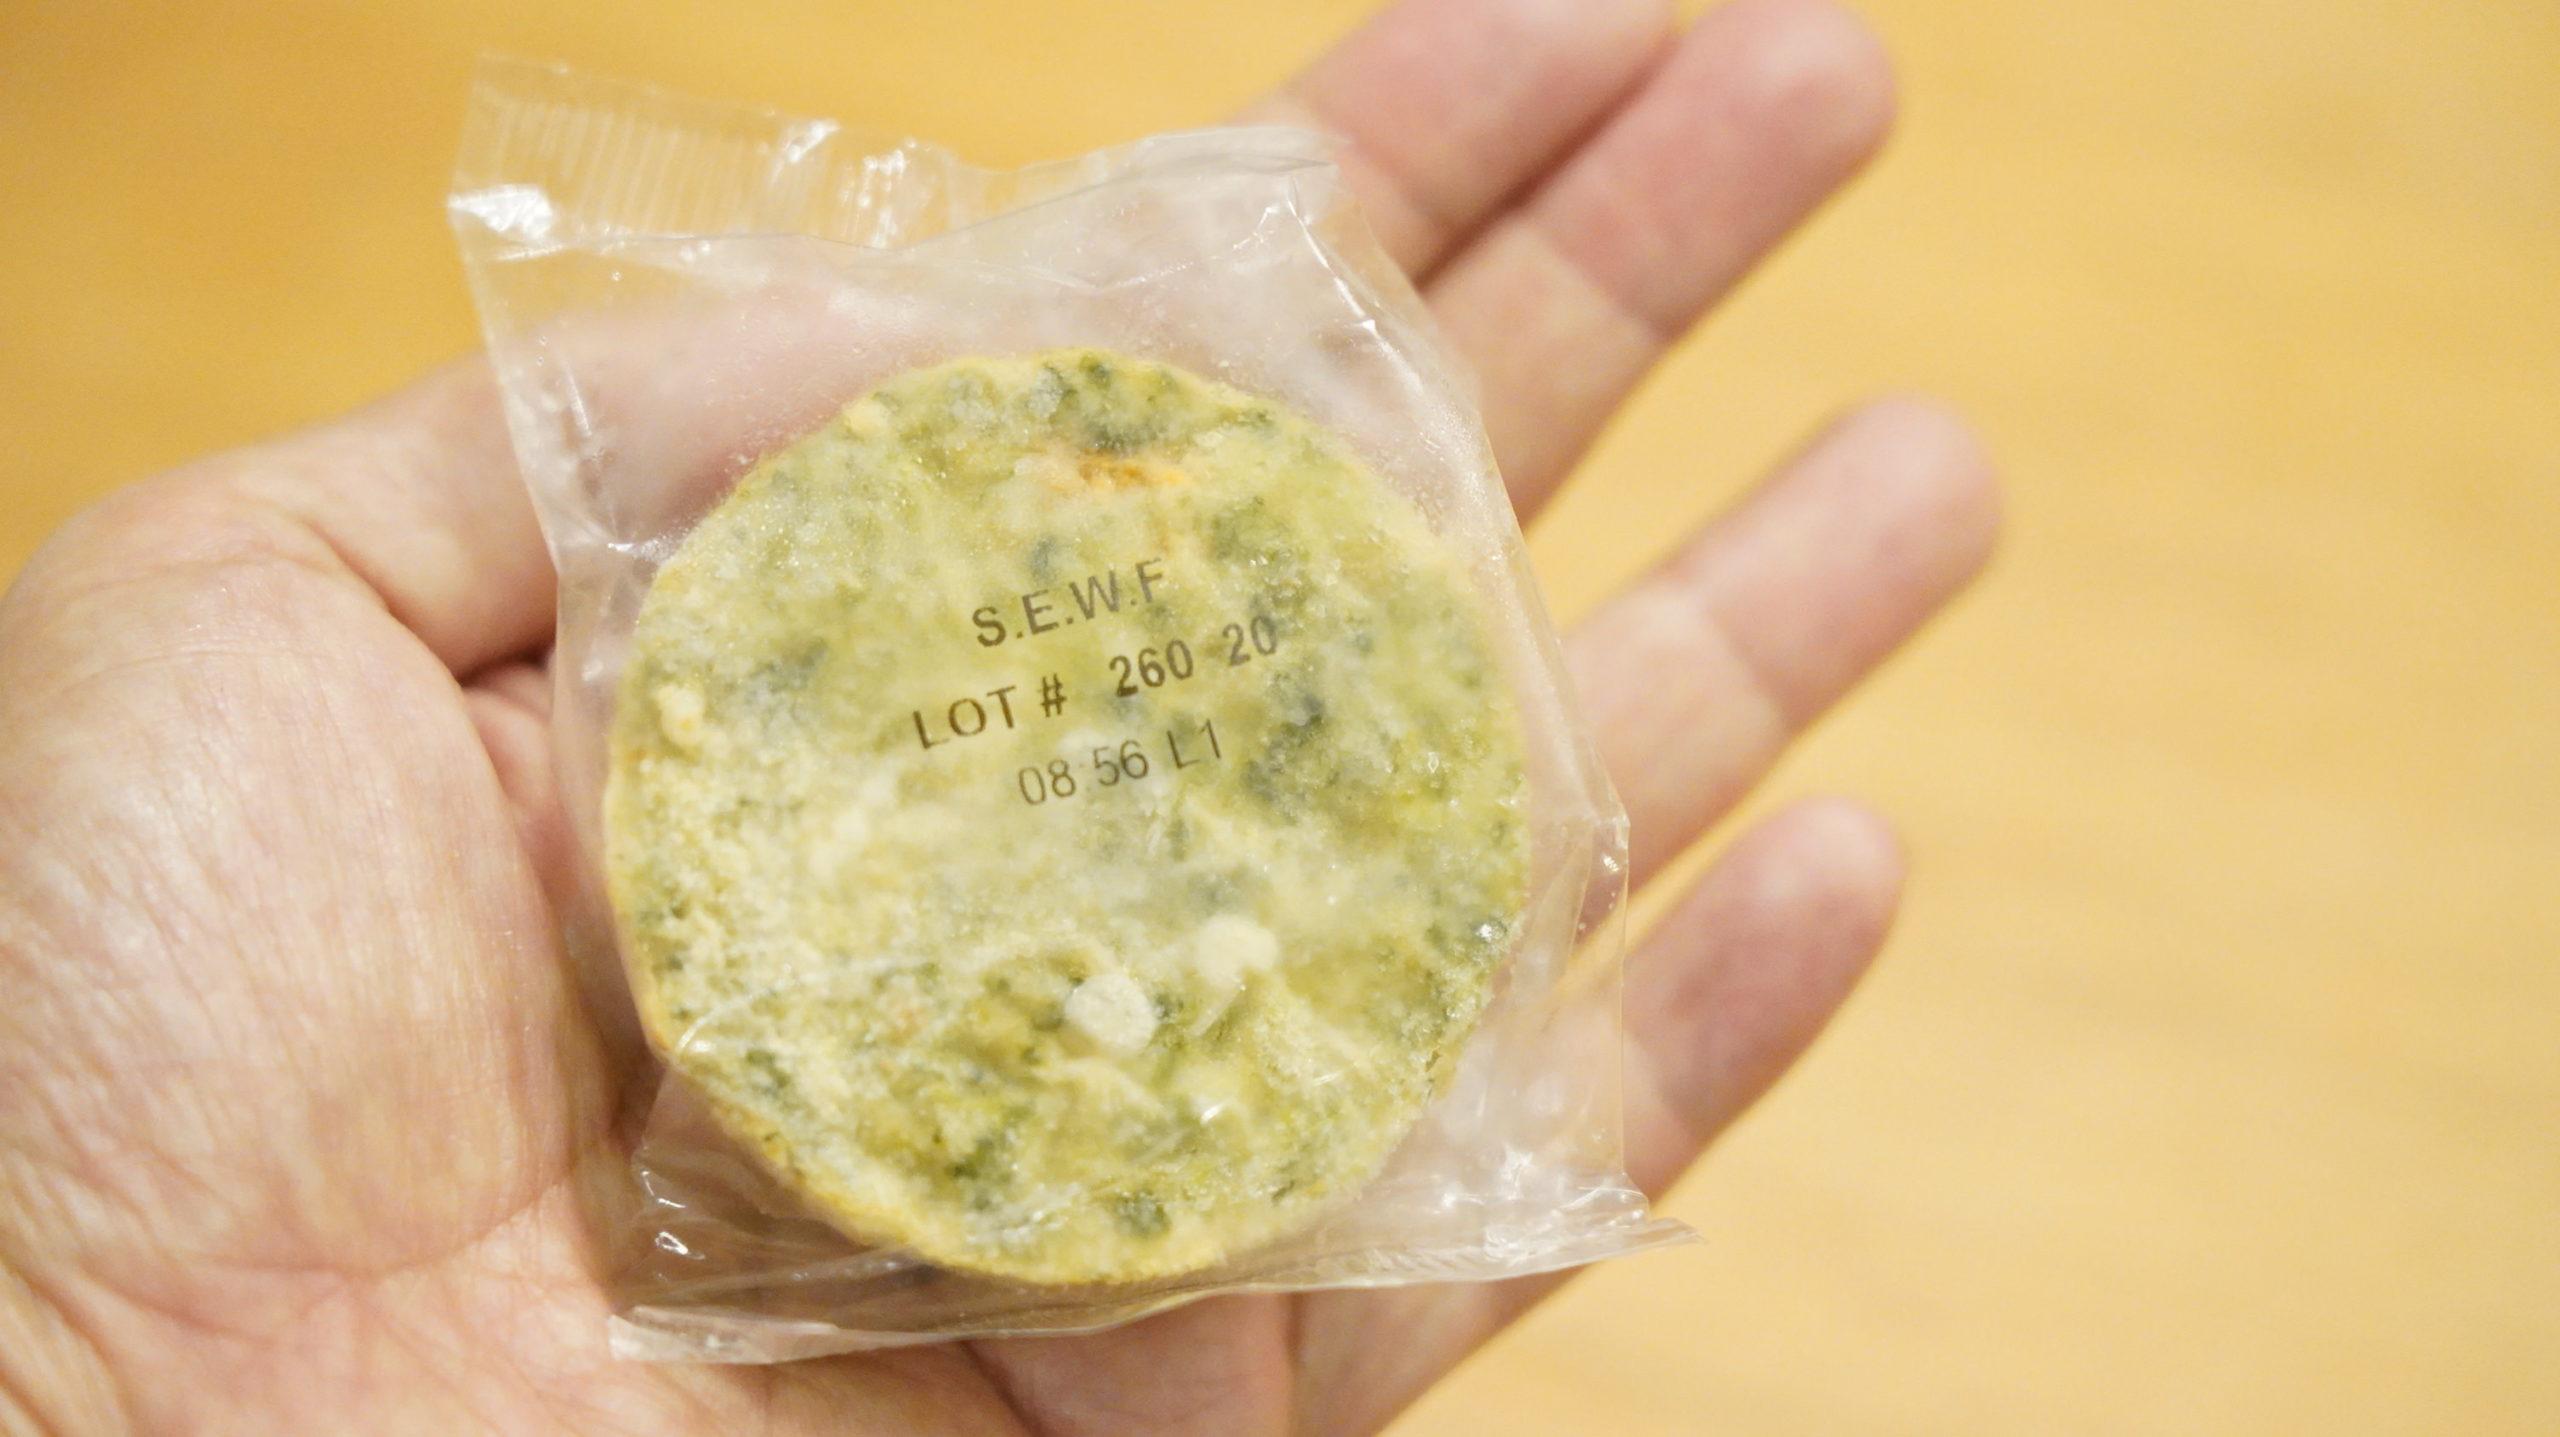 コストコの冷凍食品「ほうれん草のフリッタータ」を手にのせた写真